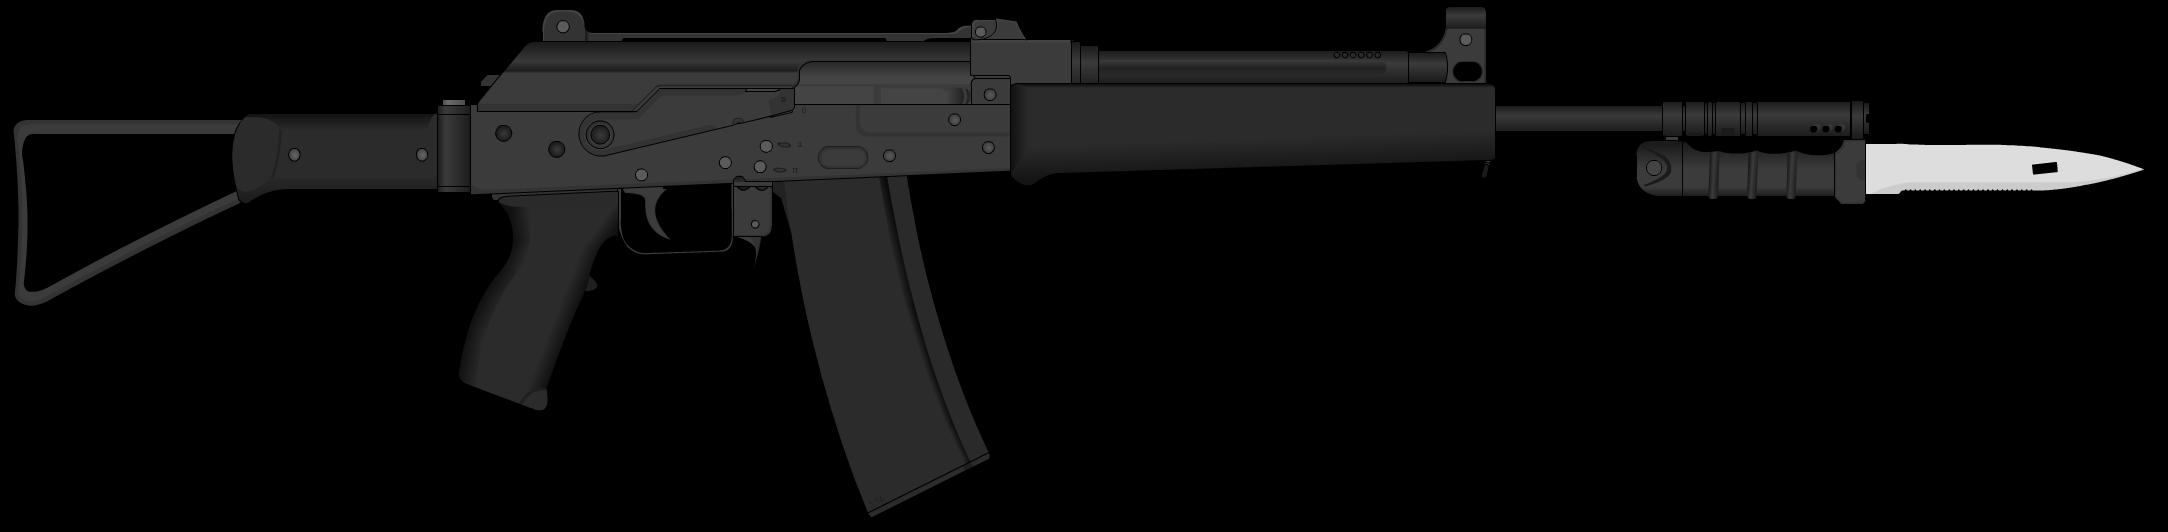 AK 5.56 Md. 97 by Semi-II